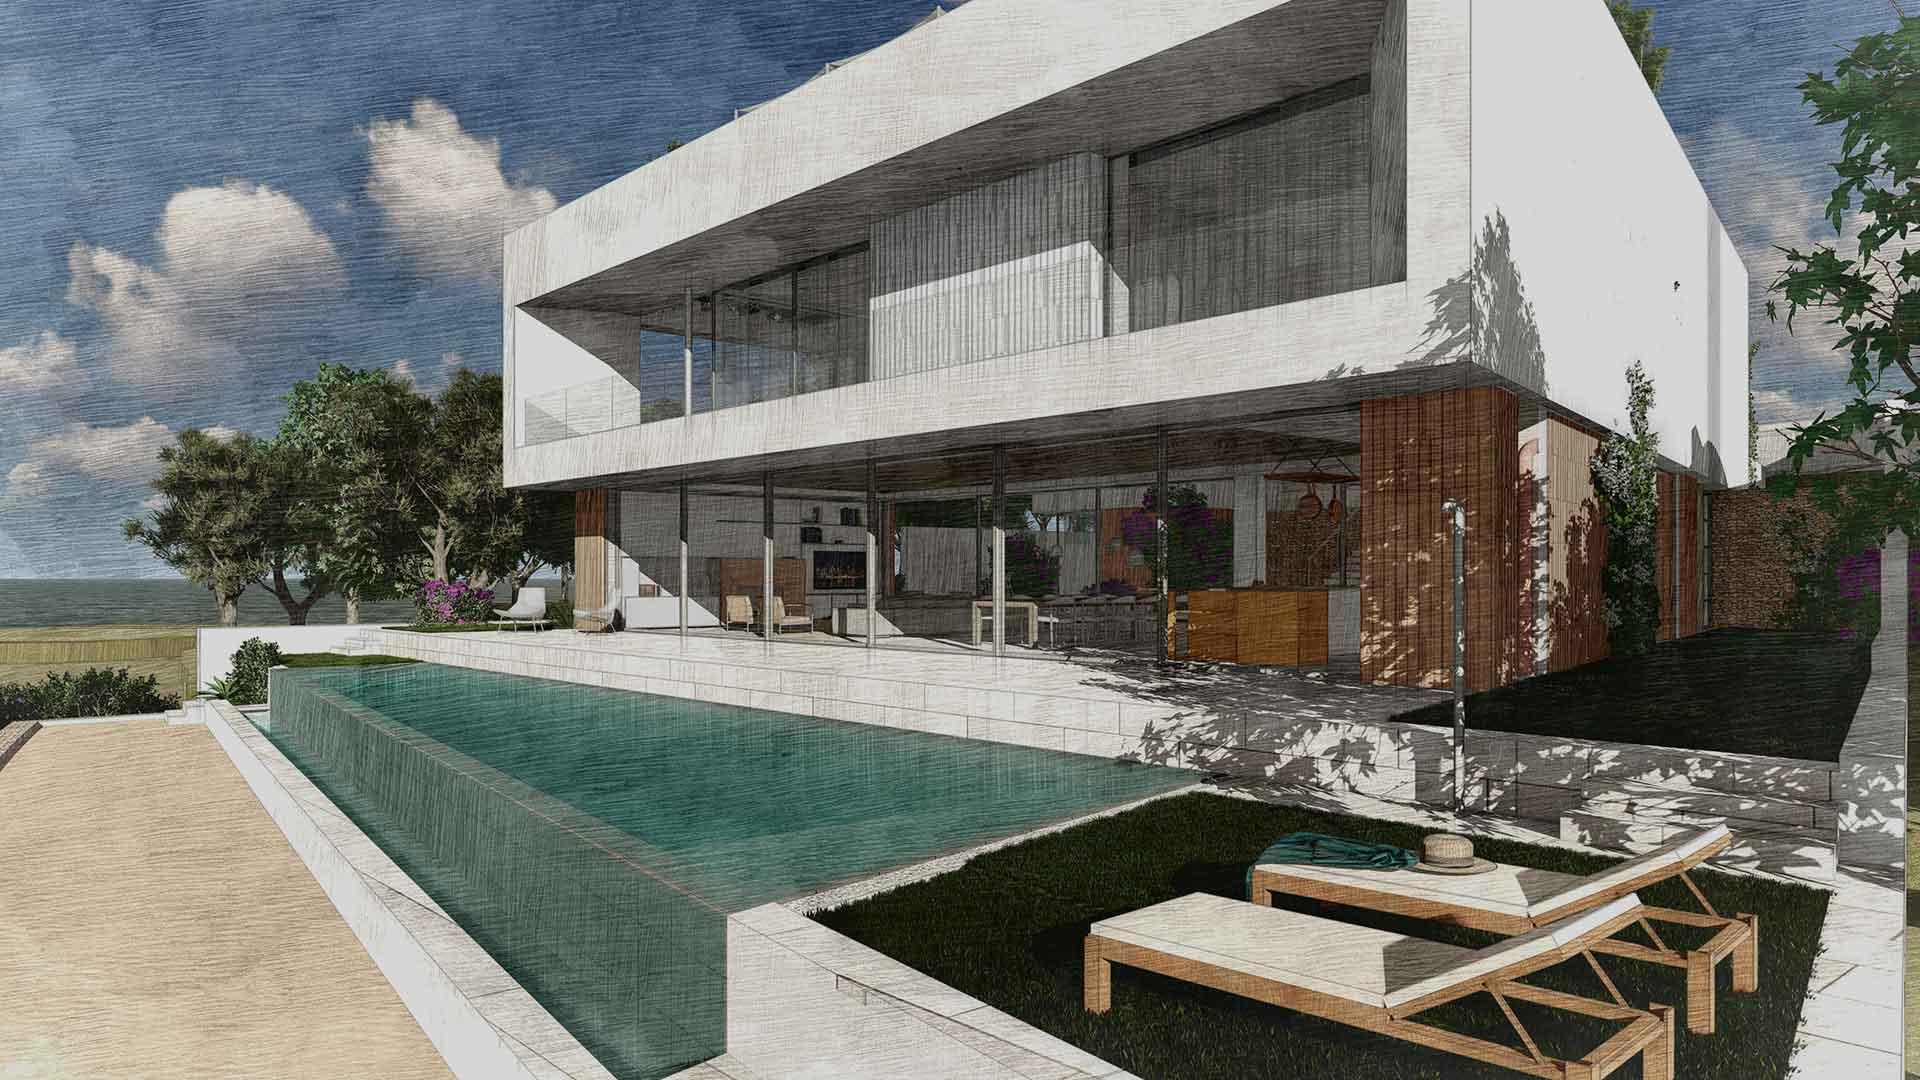 Ein Blick hinter die Kulissen von HIRT moving architecture®